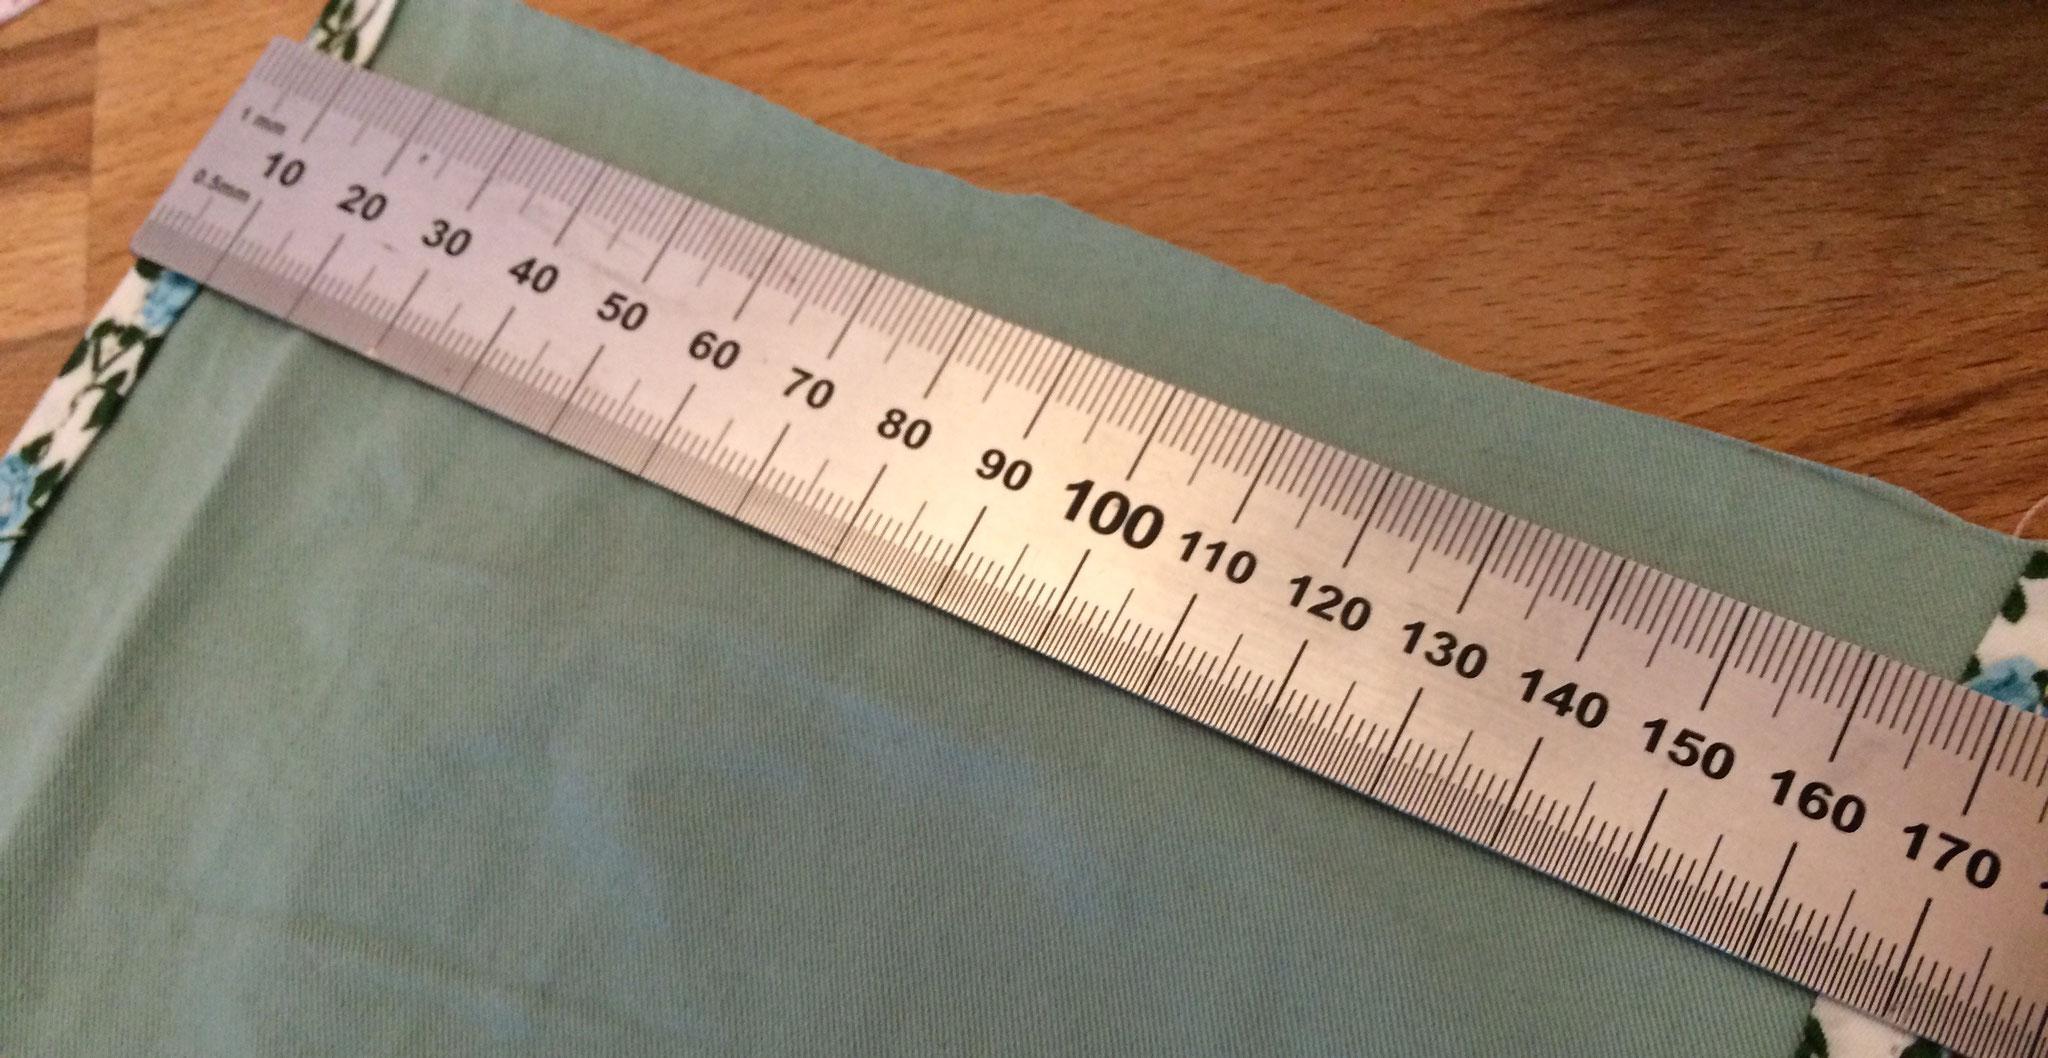 Anschließend messt ihr die lange Seite noch einmal aus und markiert die Mitte - jeweils auf beiden Seiten.